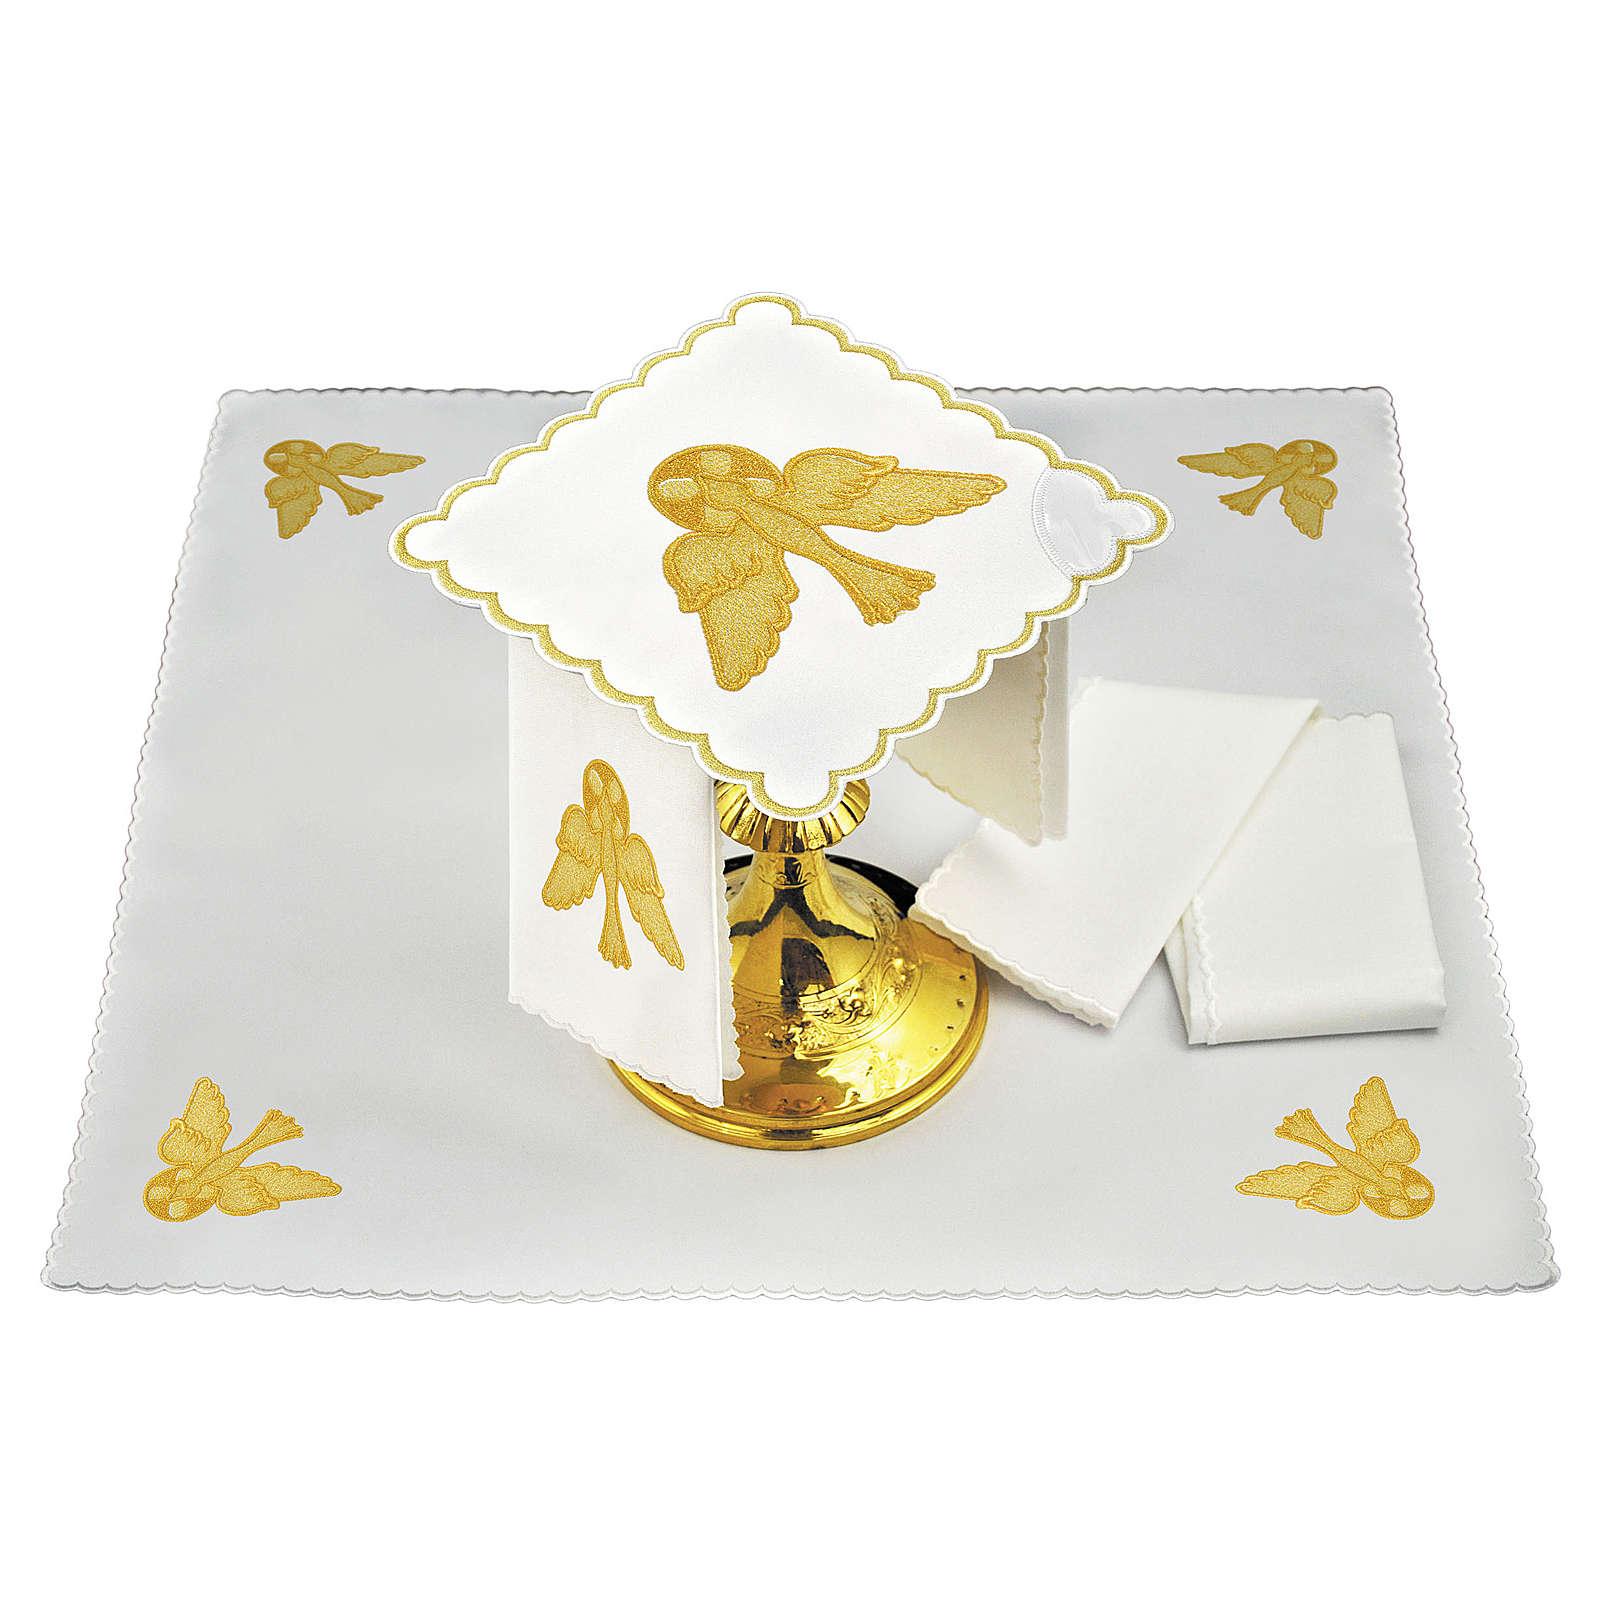 Servizio da altare lino colomba dorata 4